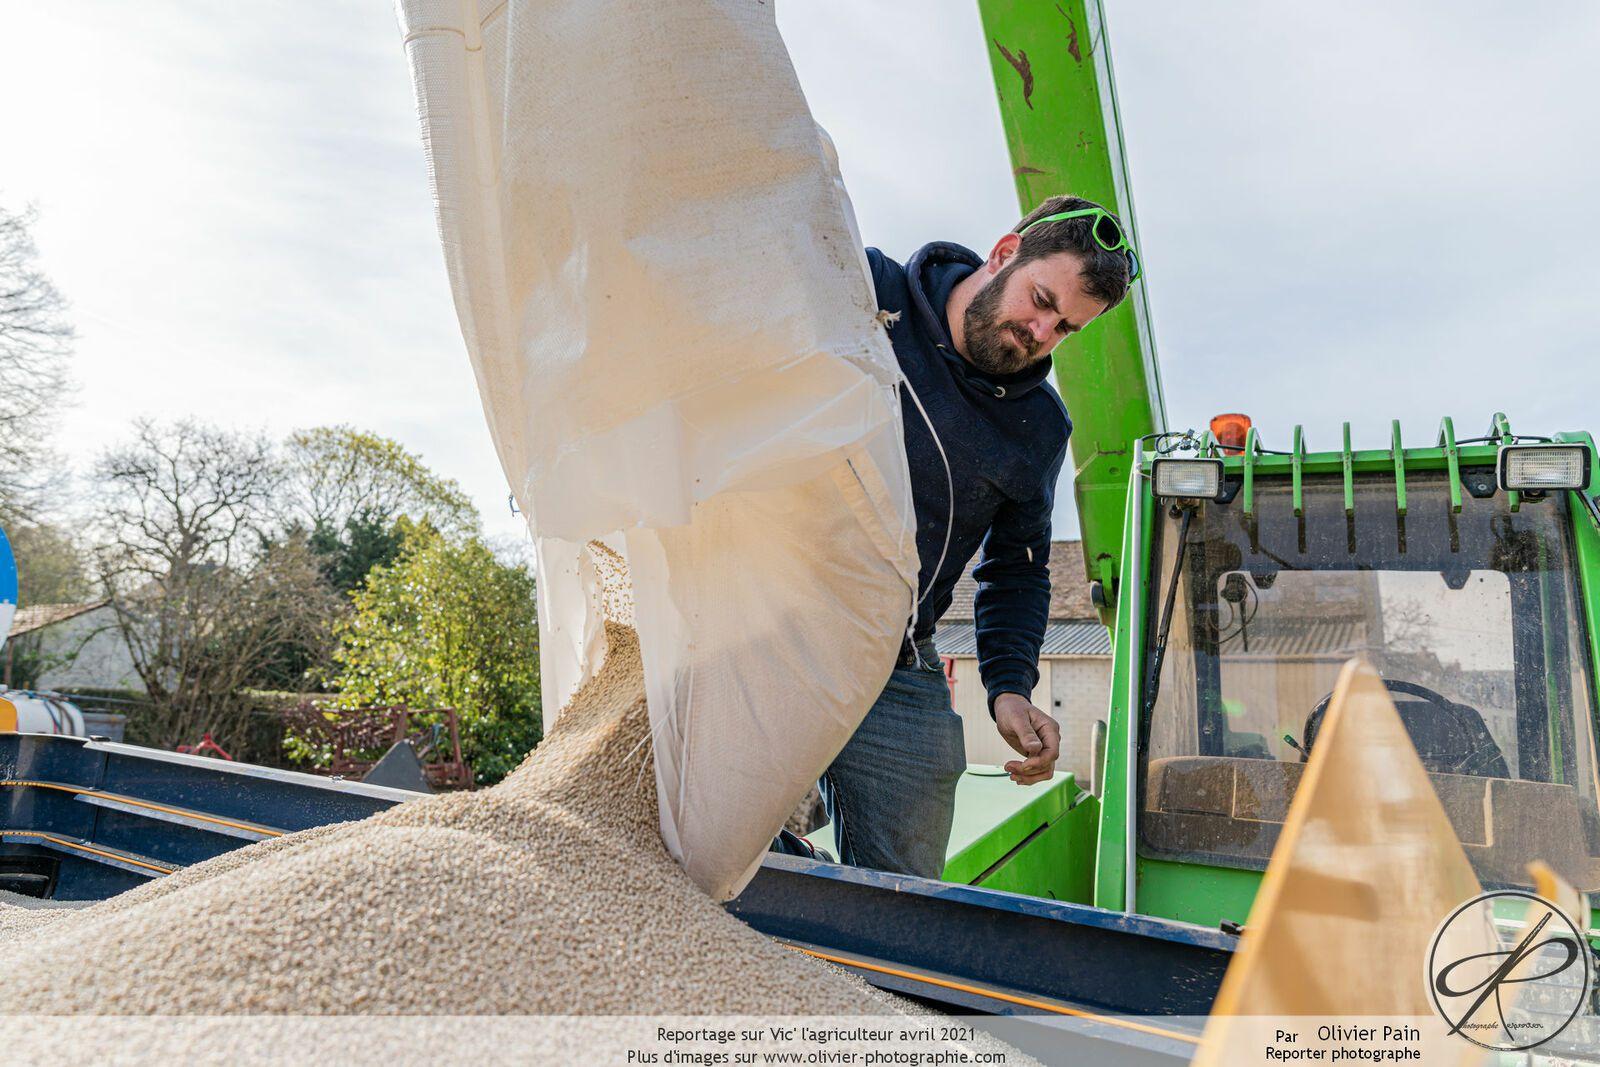 Reportage sur l'agriculture : le suivi de Vic' lors d'une journée d'épandage d'azote en granulés.